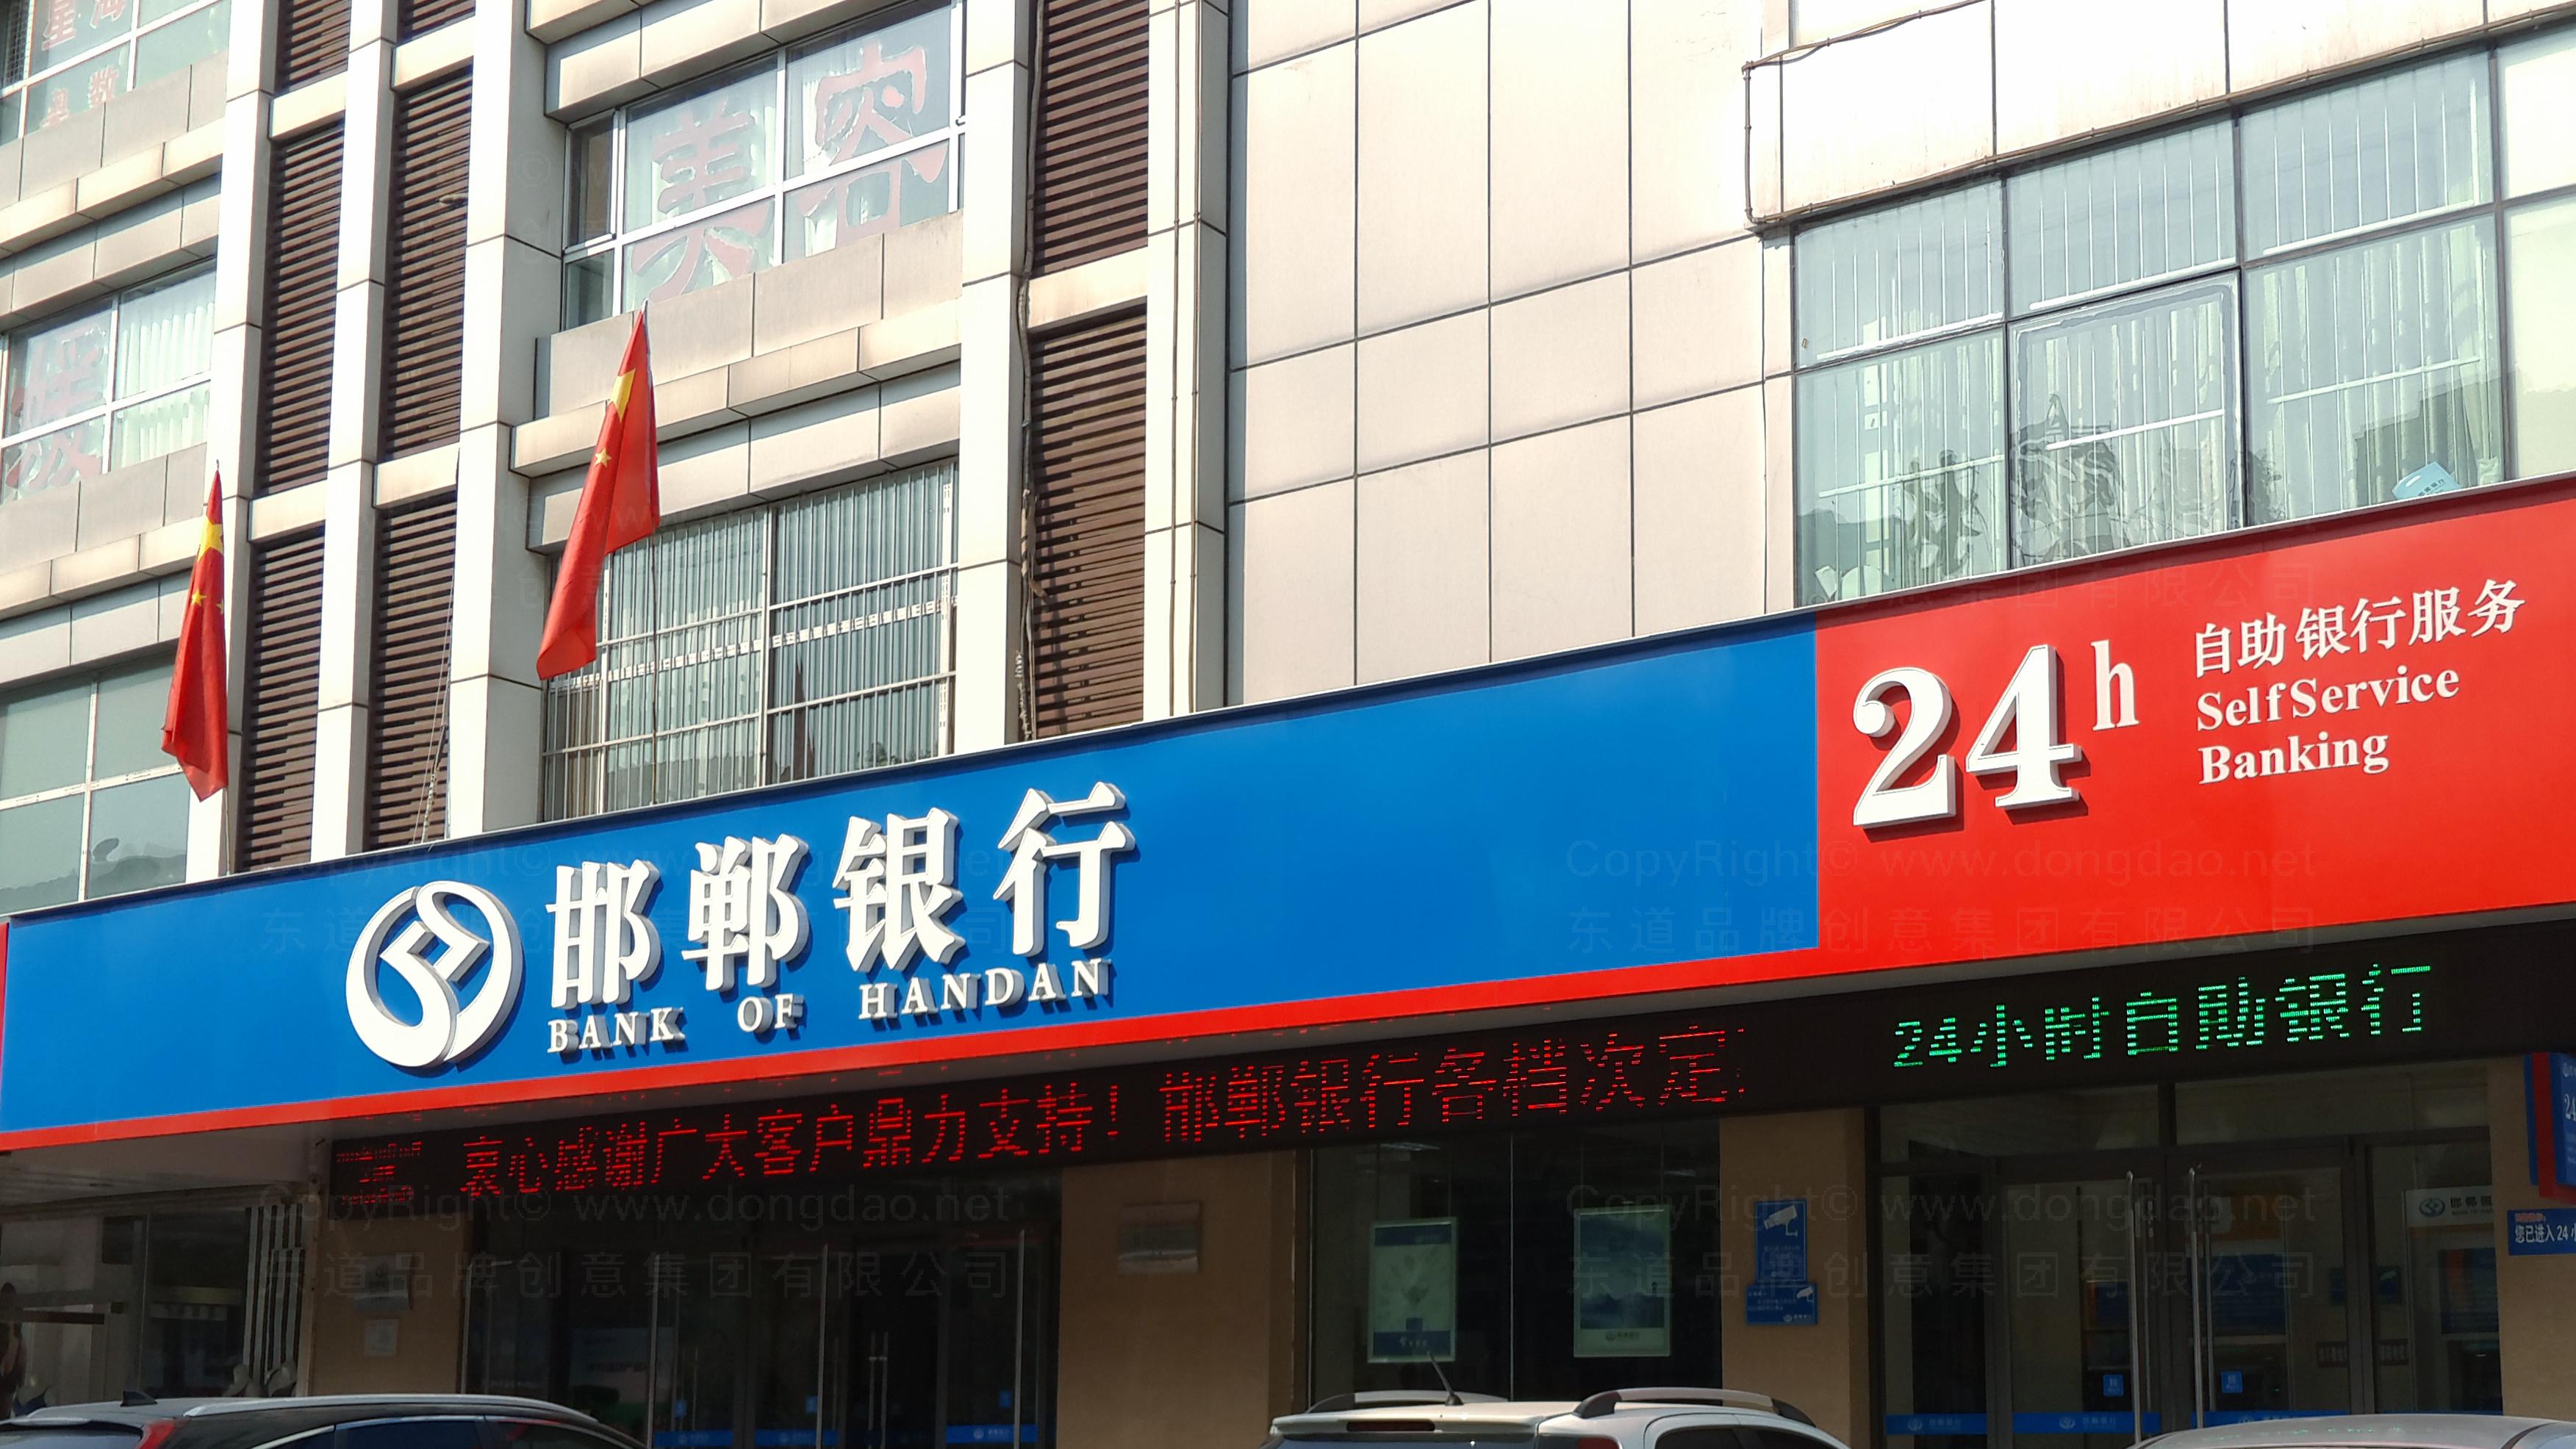 落地工程邯郸银行标识工程应用场景_22